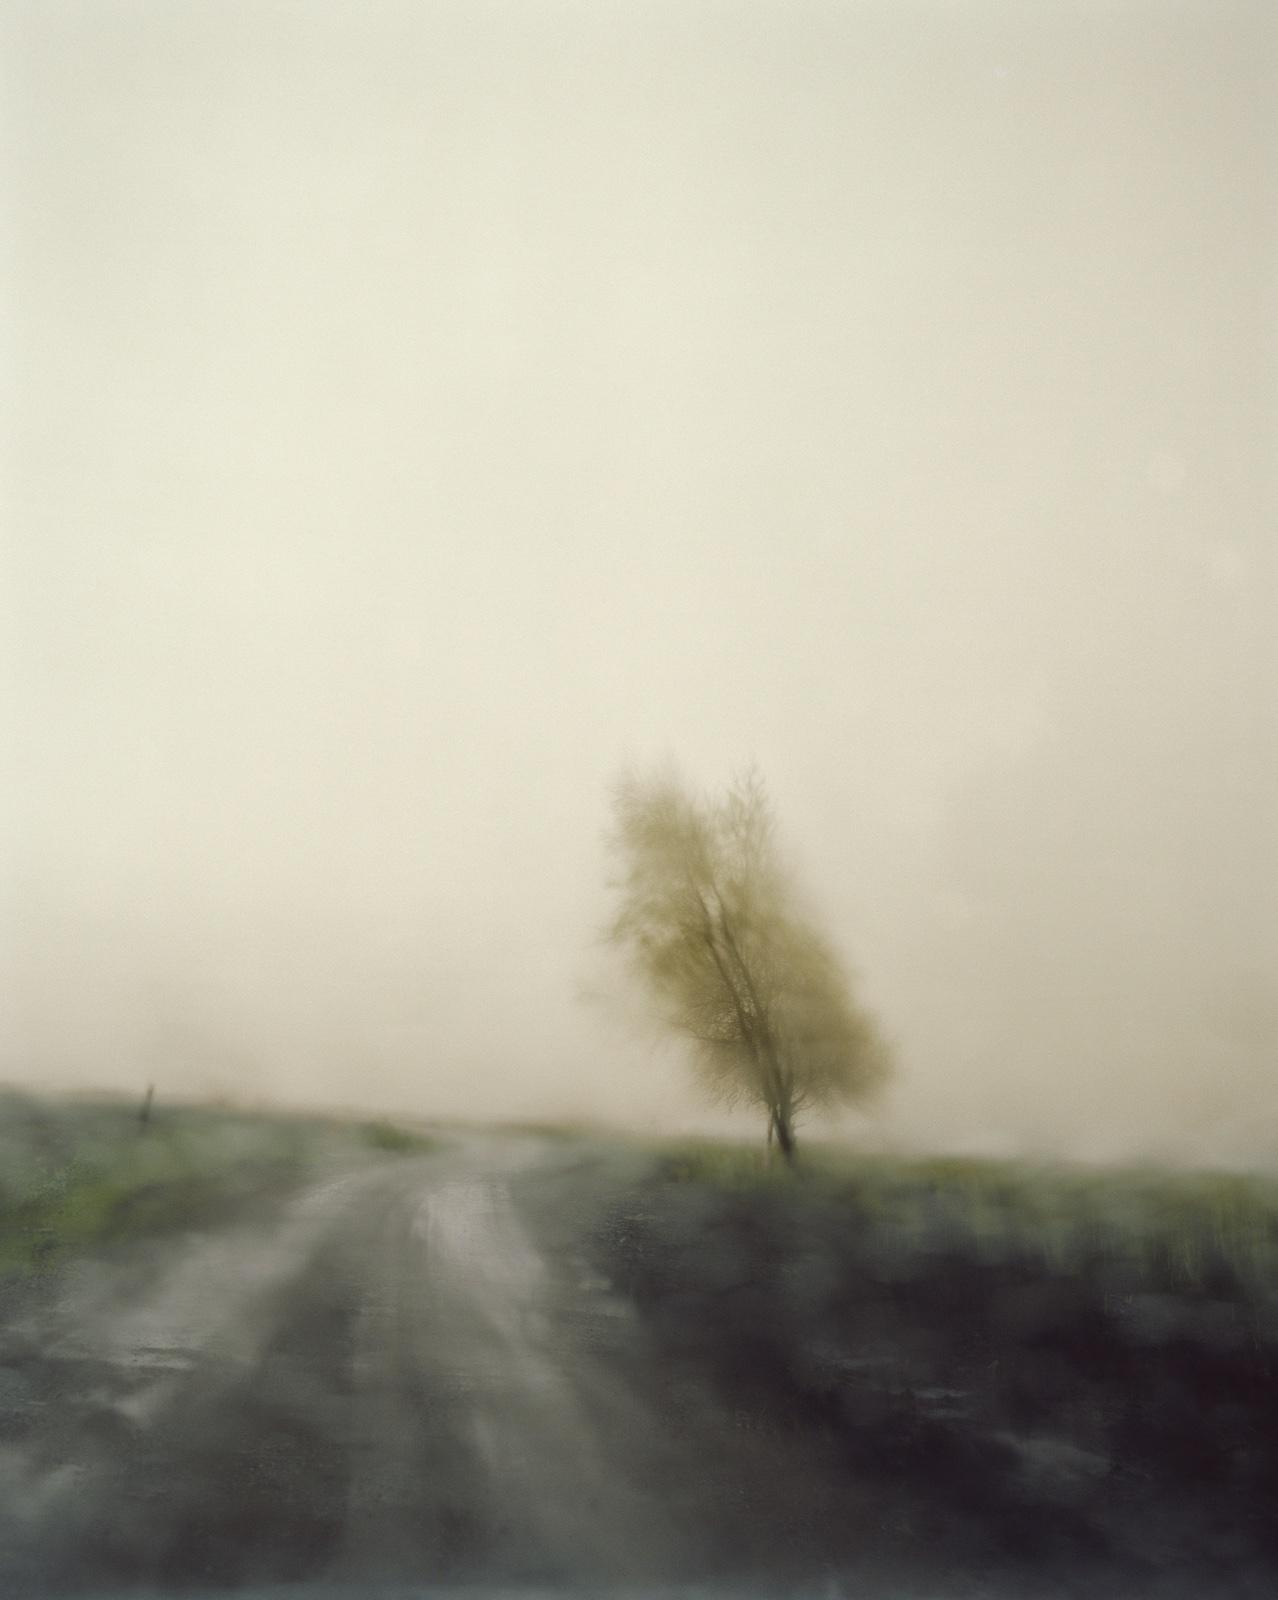 foto: © Todd Hido - Untitled #6405-8, 2007, vaag landschap met boom